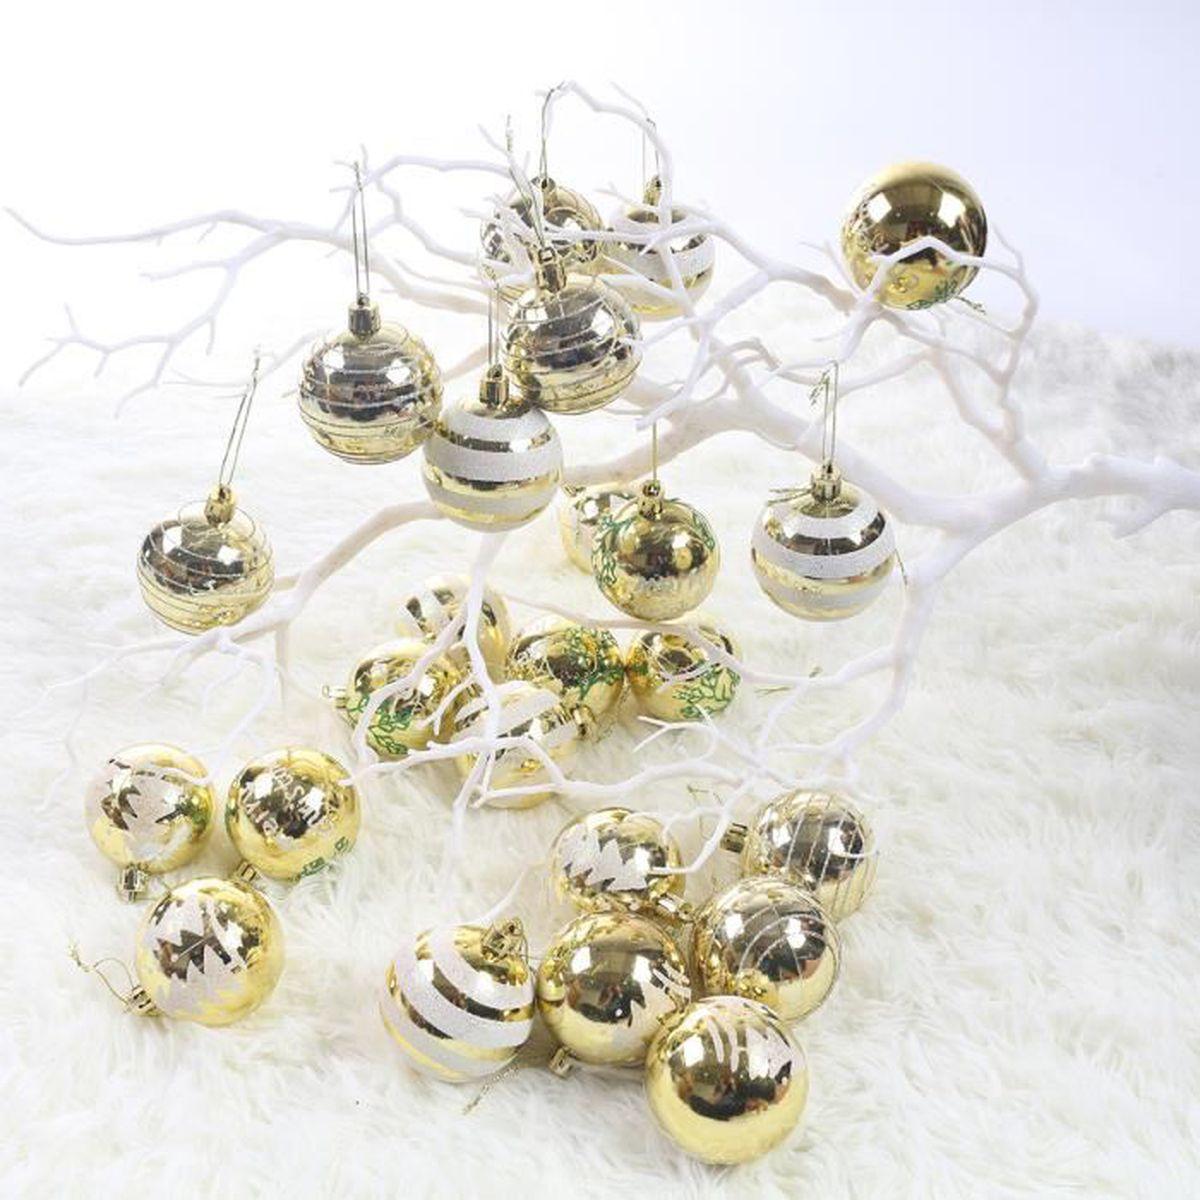 Idee Deco Boule Plastique Transparente Noel lot 24 boules pour décoration noel diverses occasions 4